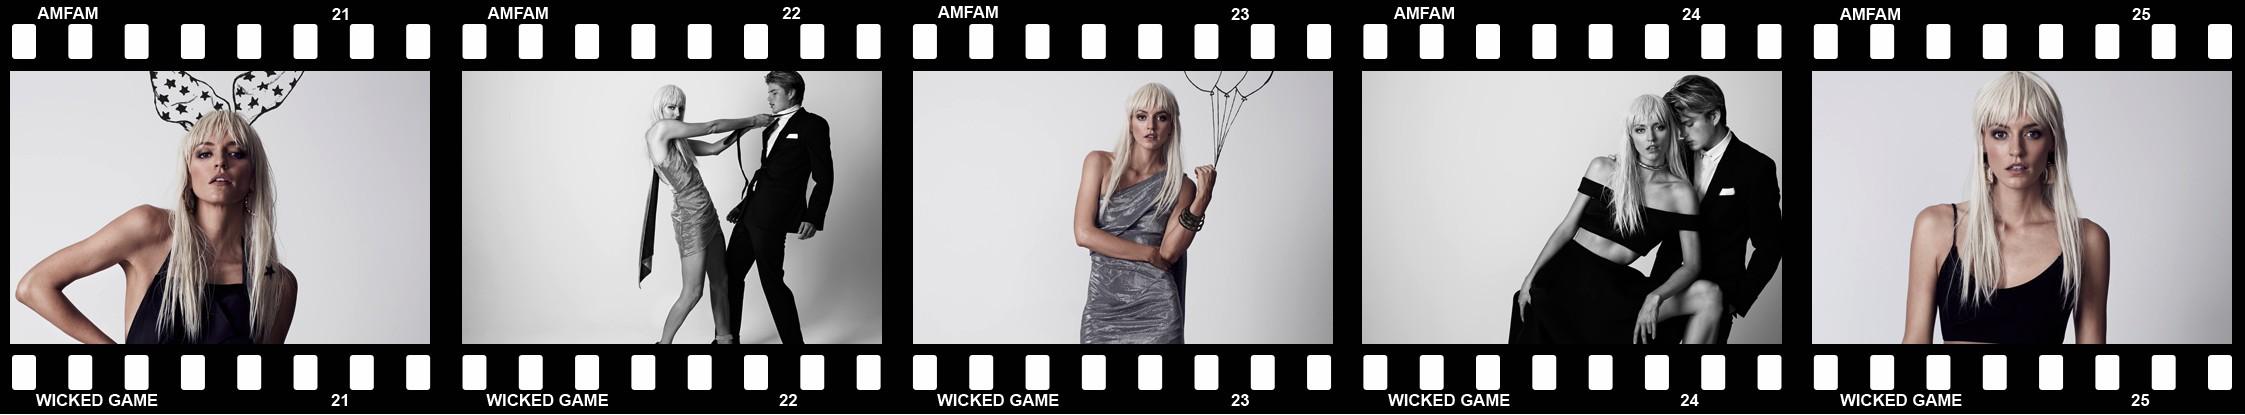 WickedGame